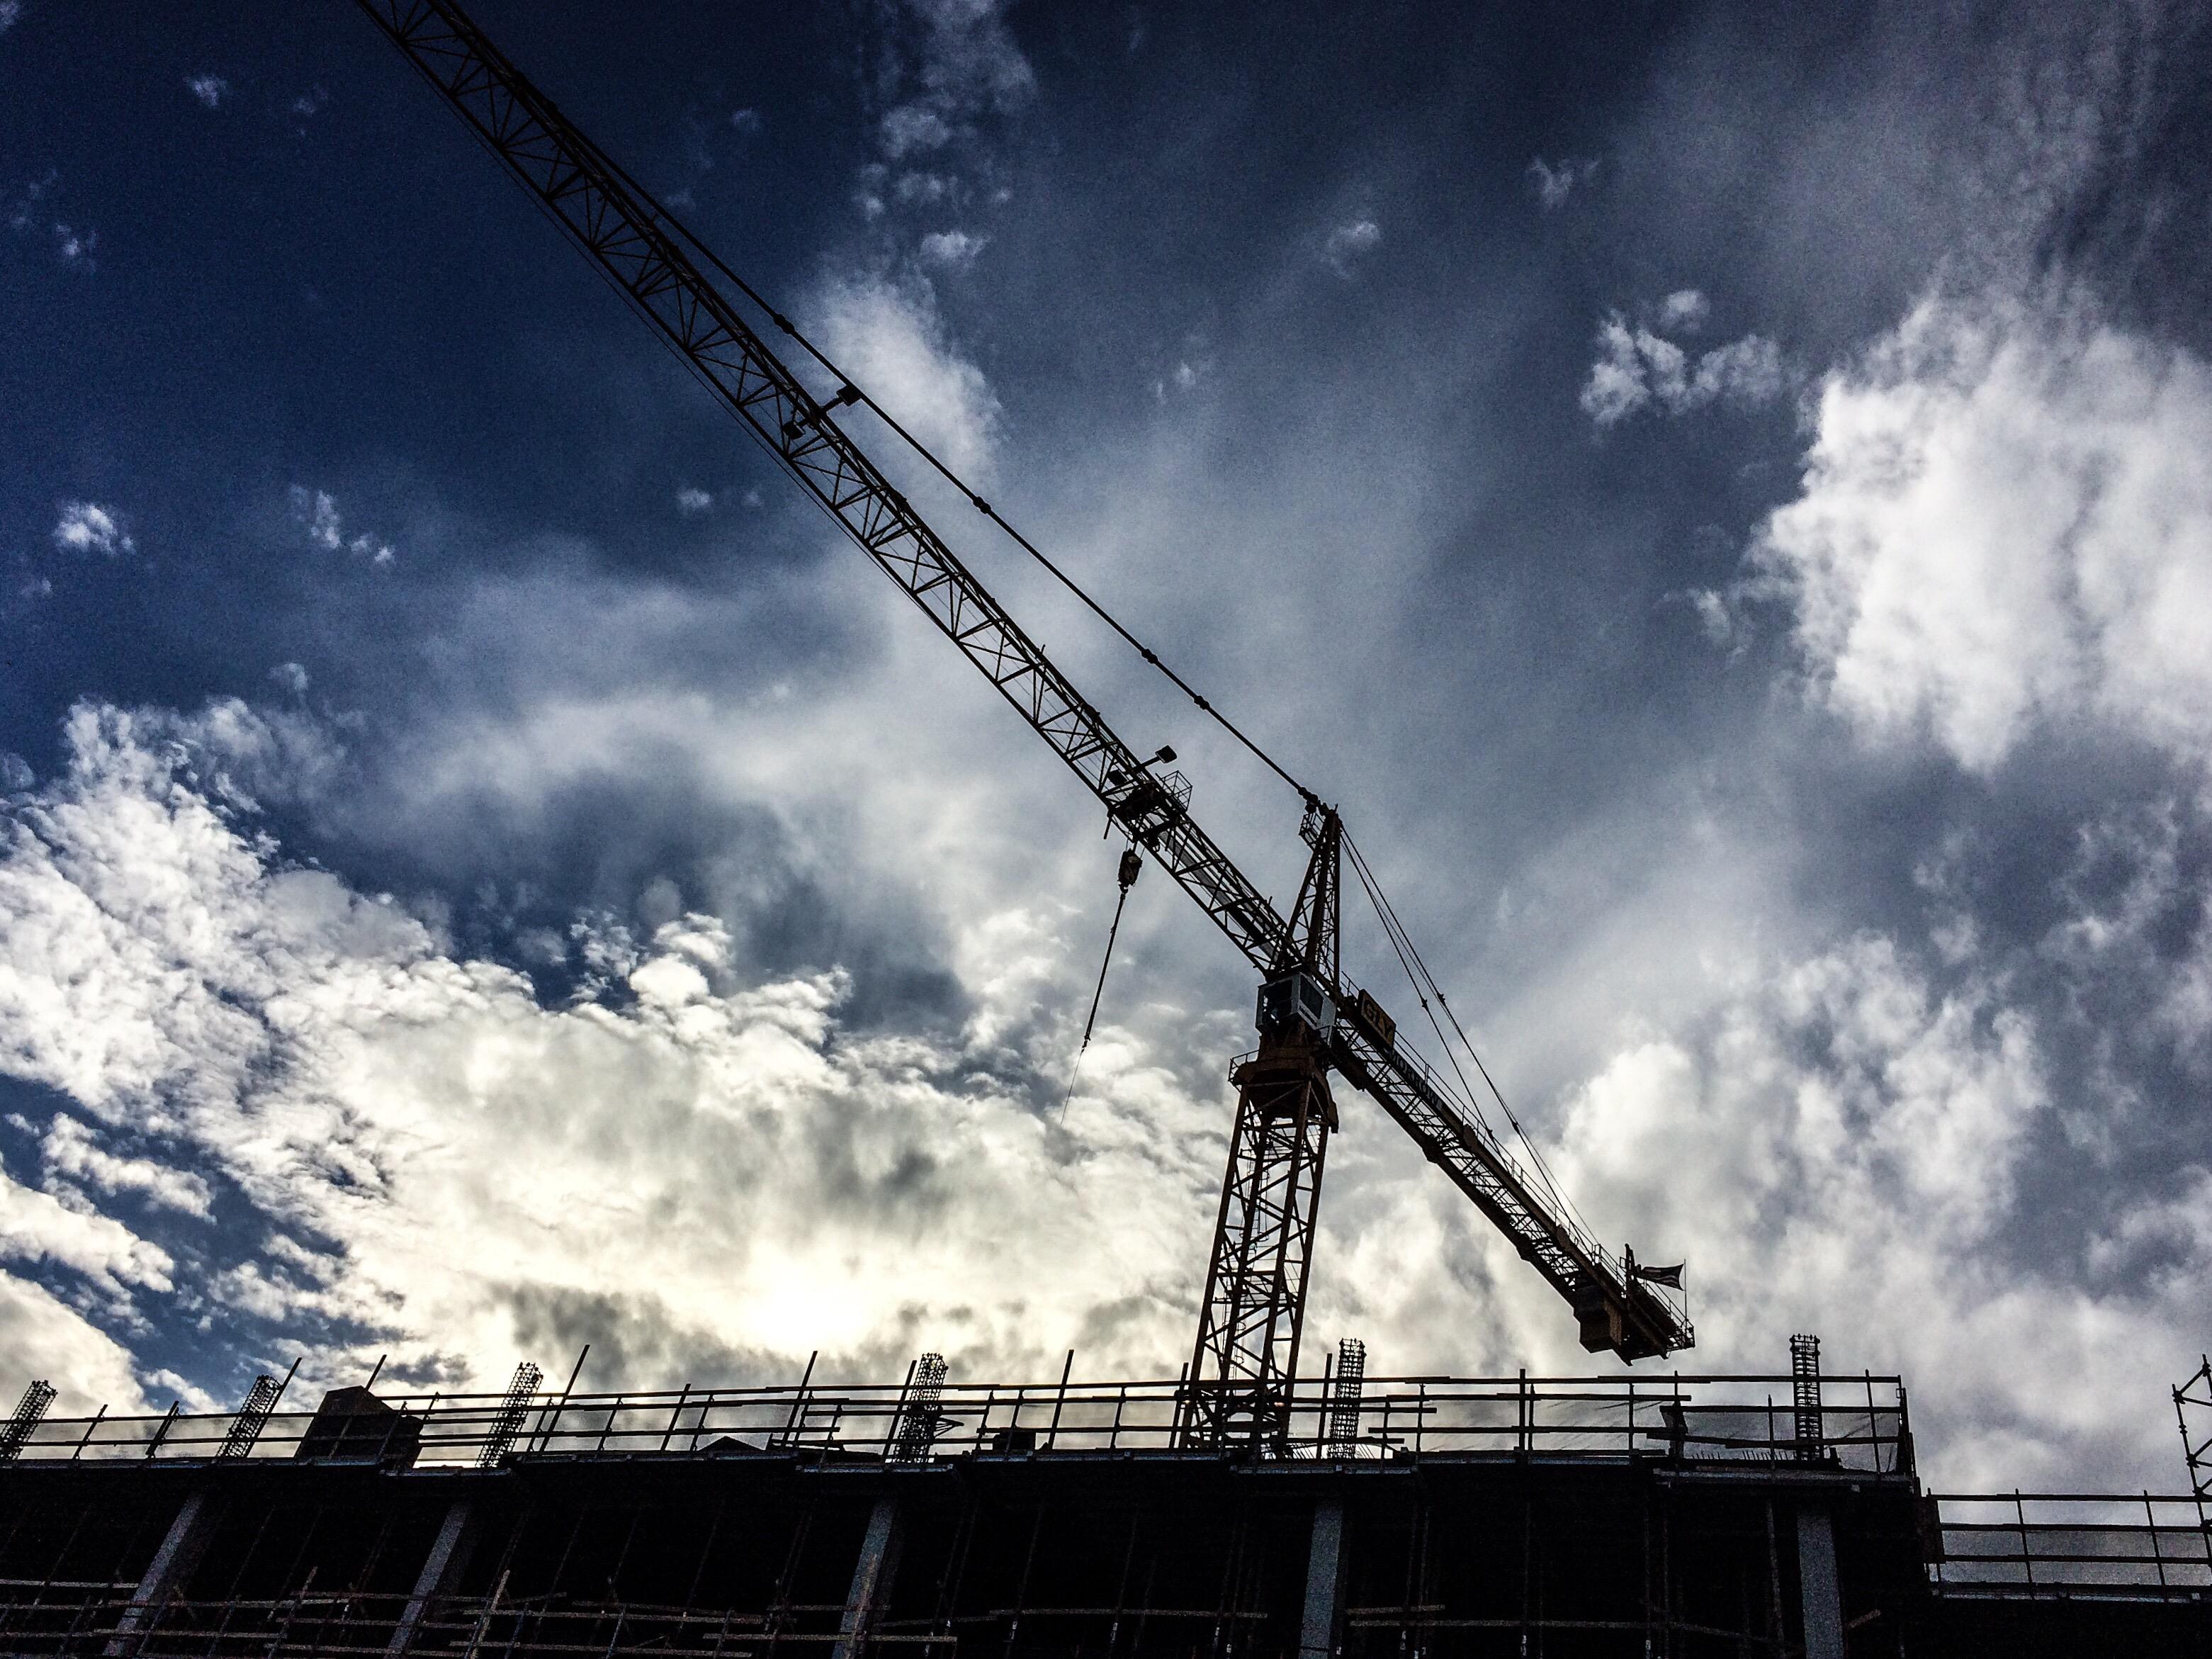 construction-crane_t20_GR0Qko